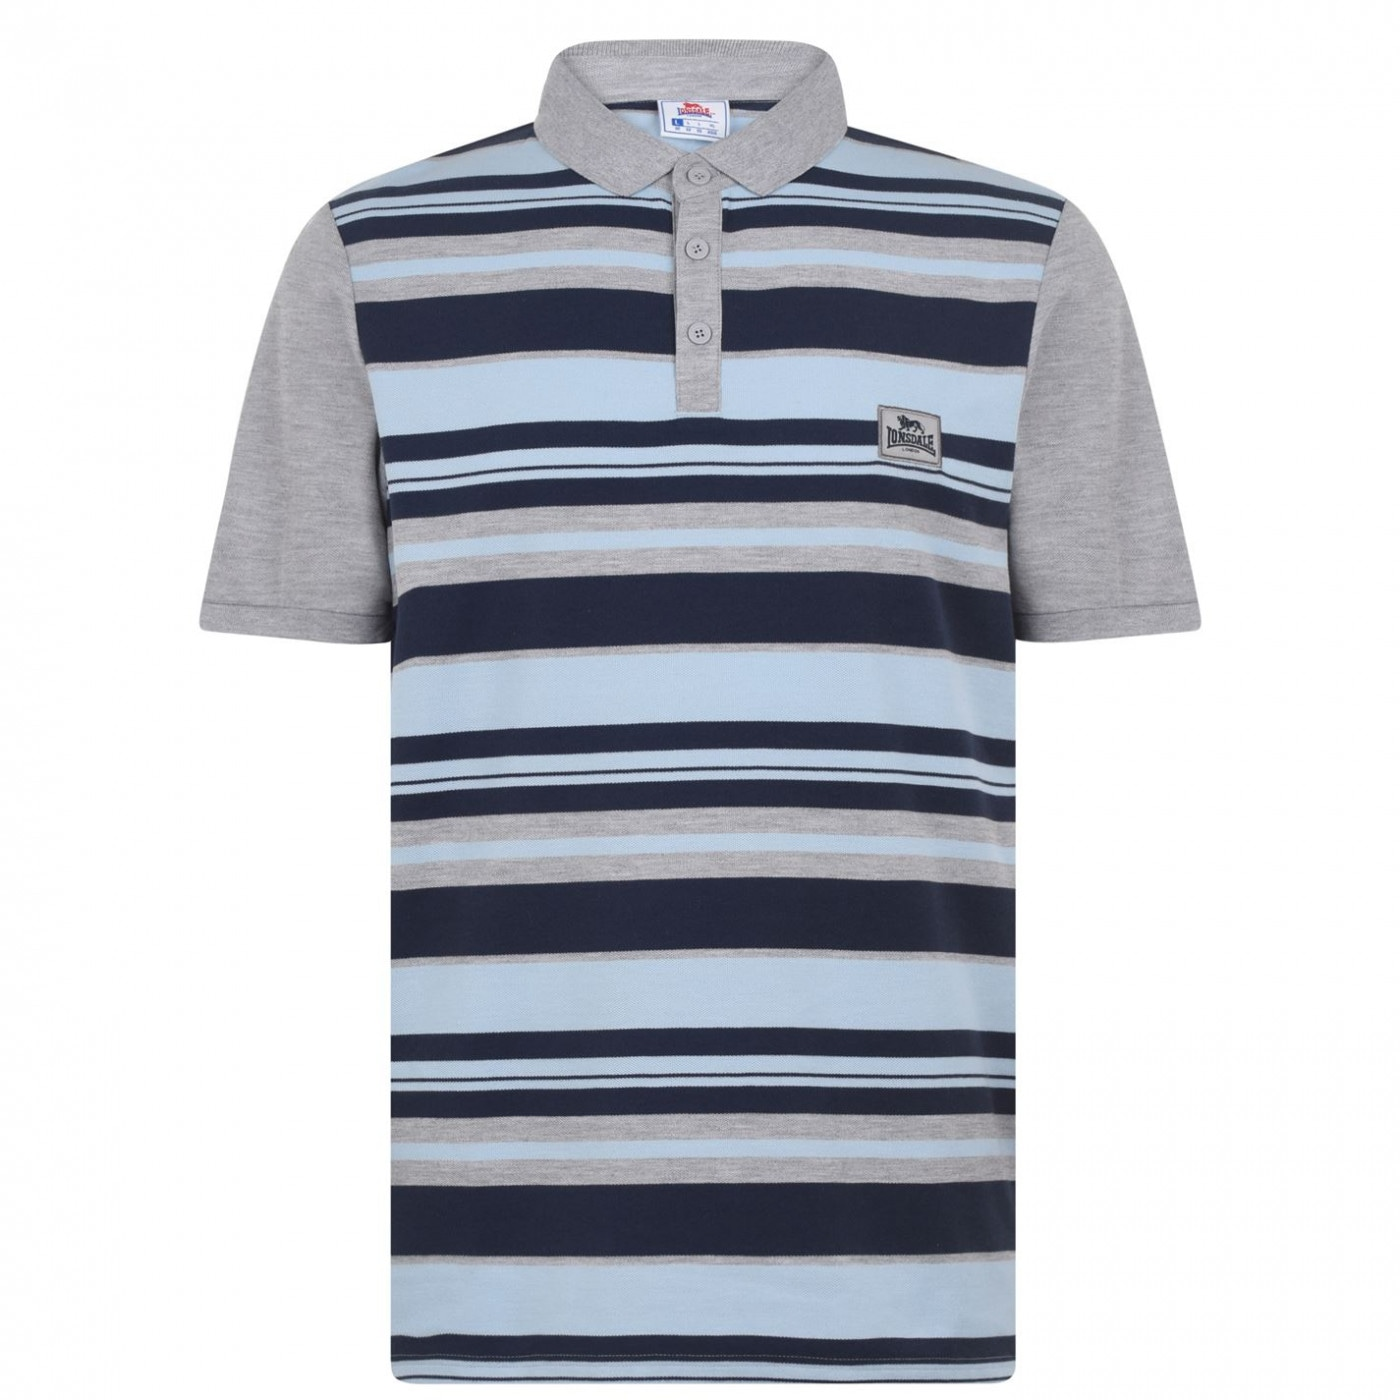 Men's polo Lonsdale Striped